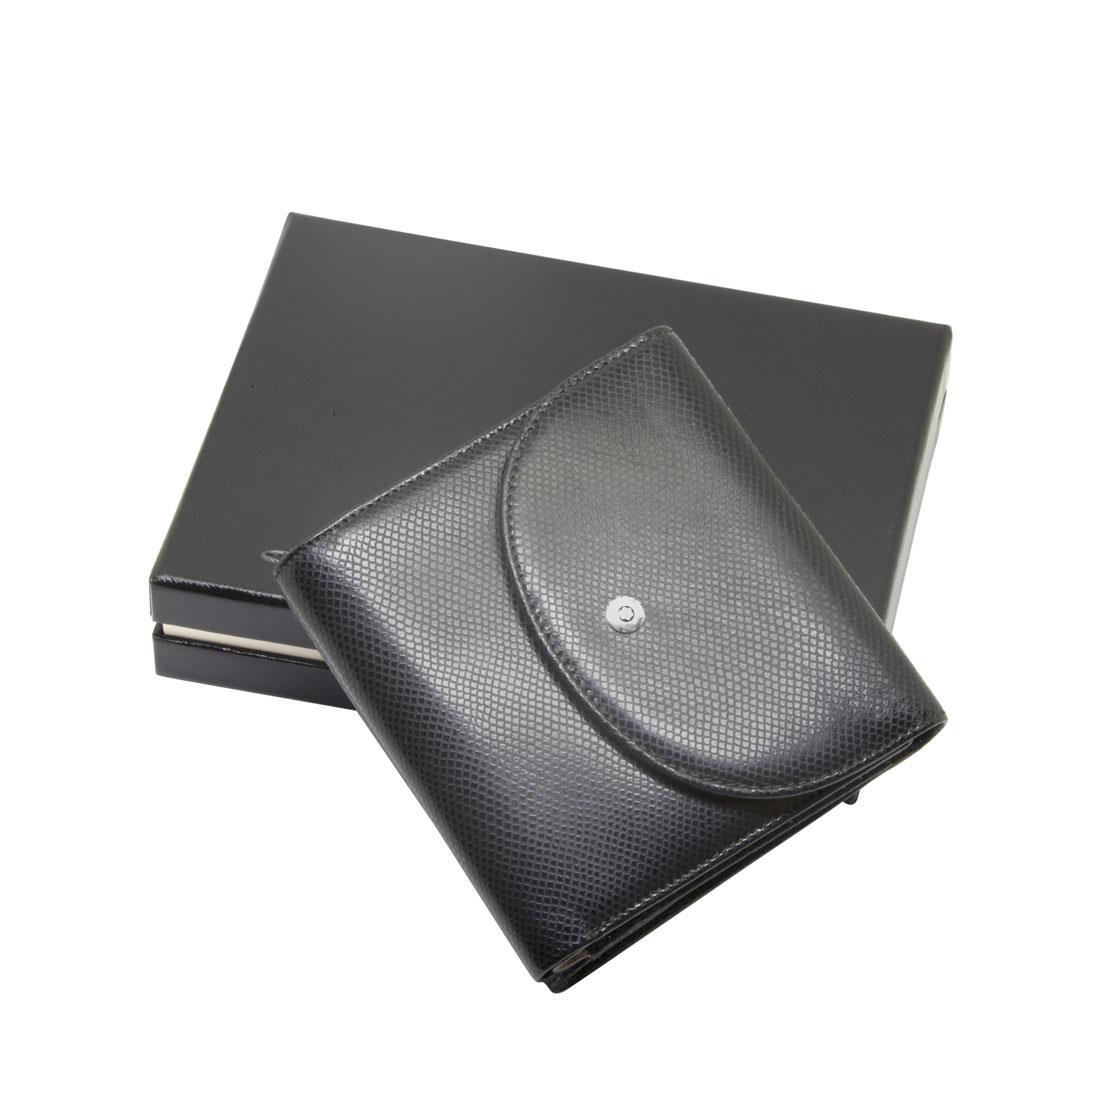 Portafoglio in pelle nera - MONTBLANC